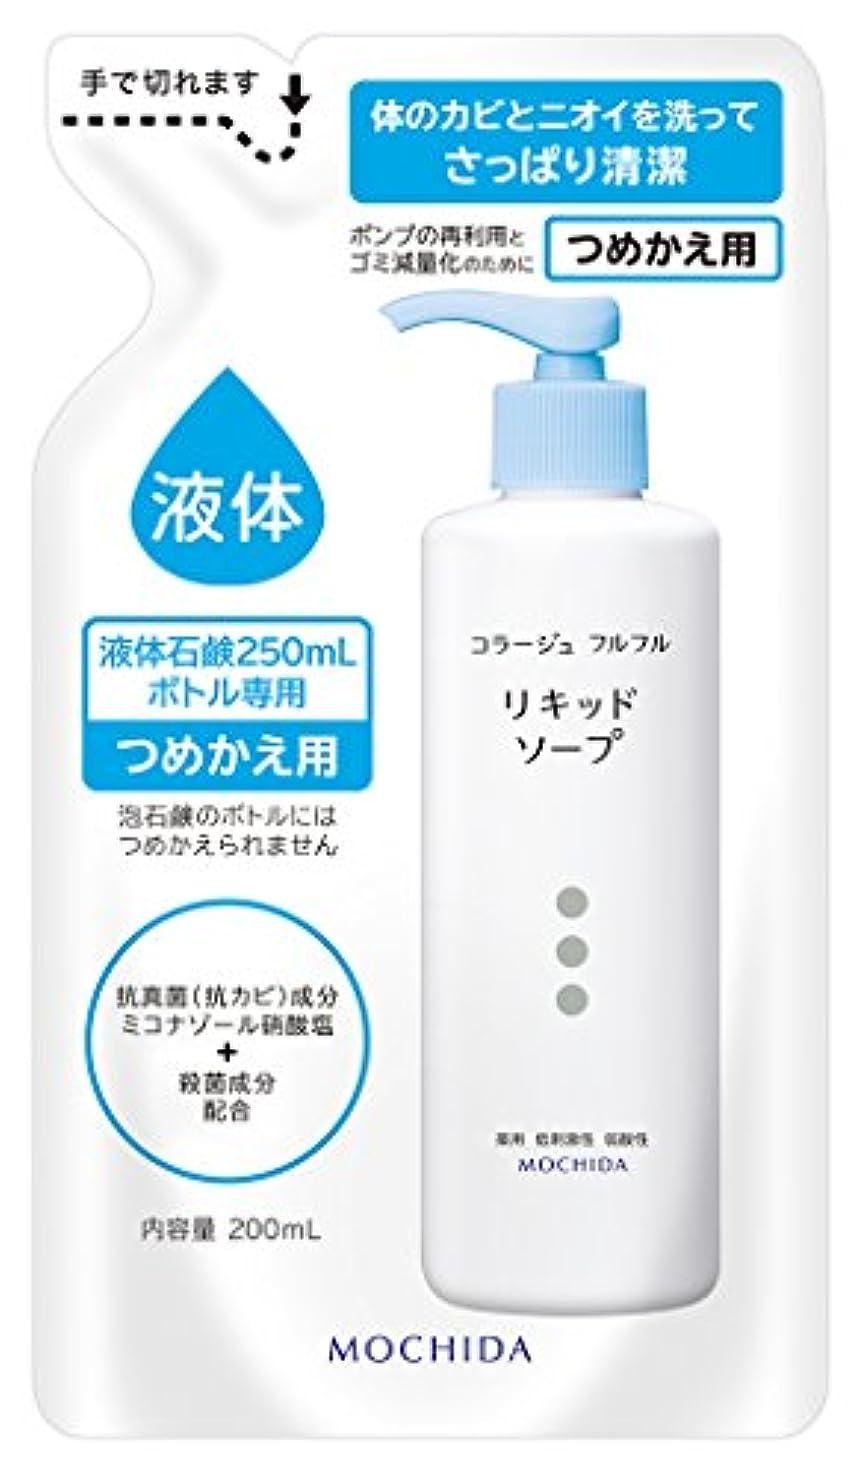 スタイル傷つきやすいミニコラージュフルフル 液体石鹸 (つめかえ用) 200mL (医薬部外品)